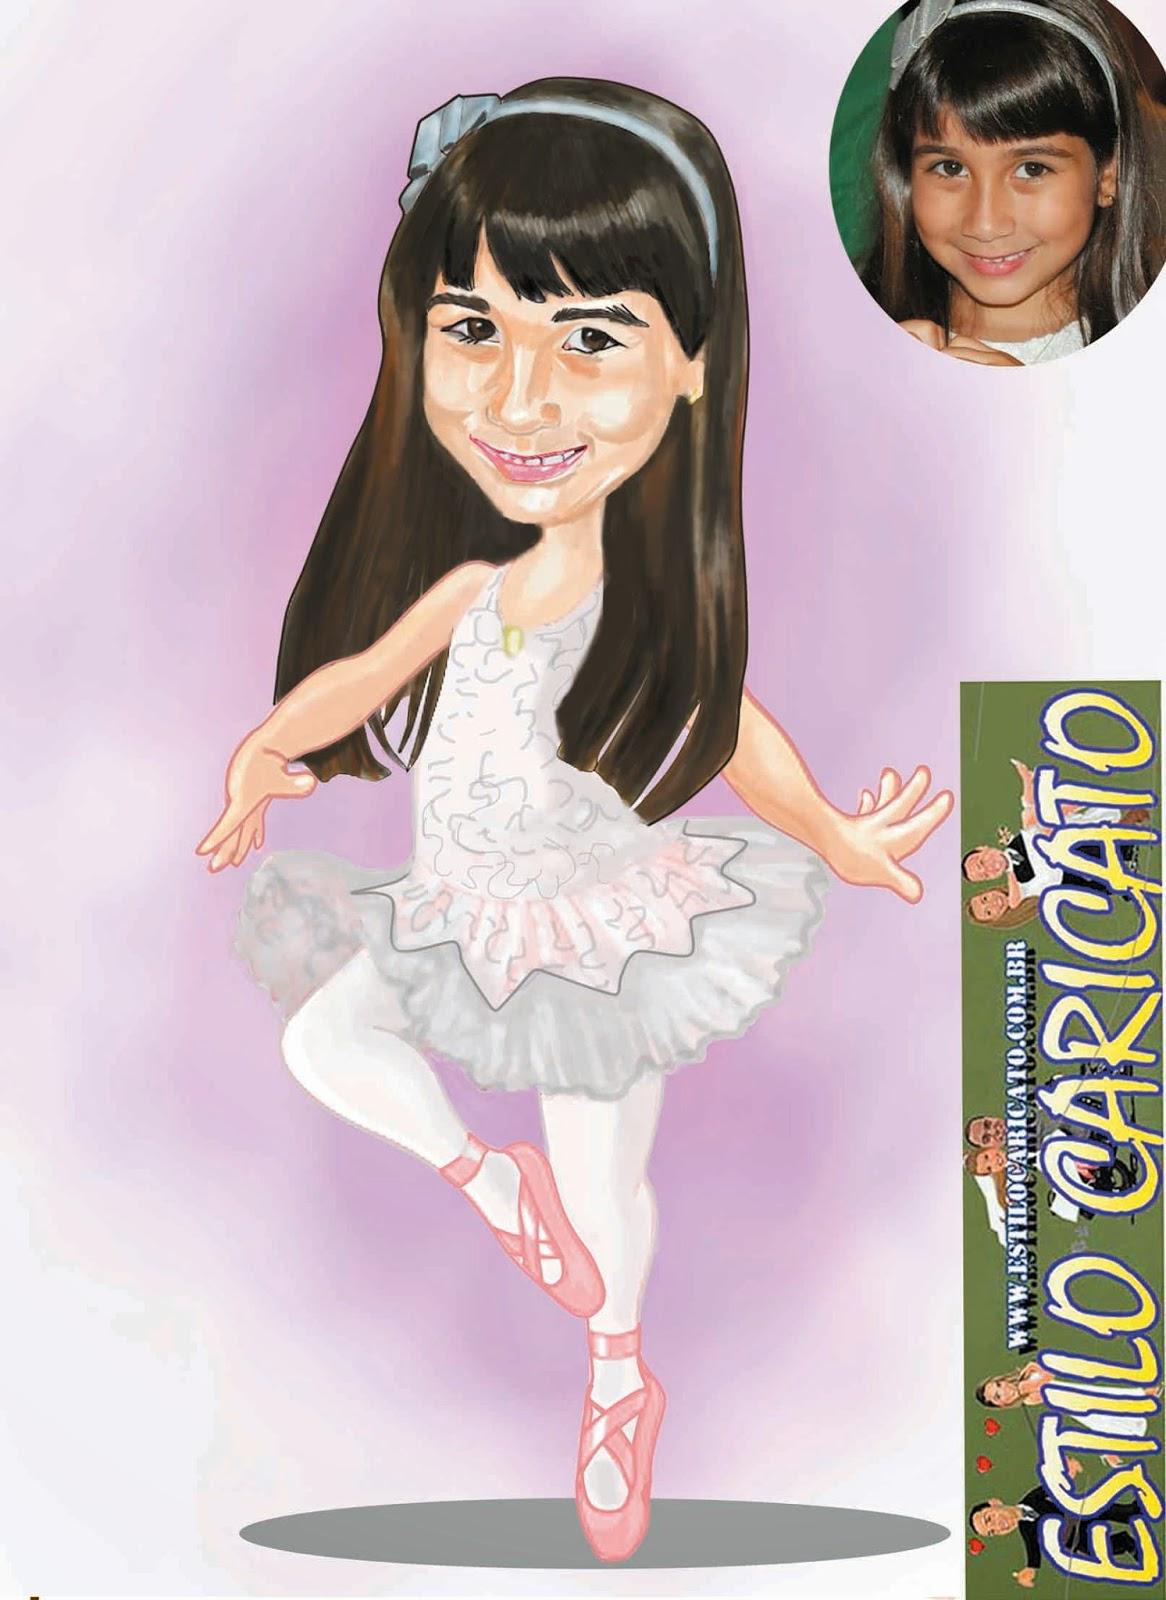 caricatura da bailarina